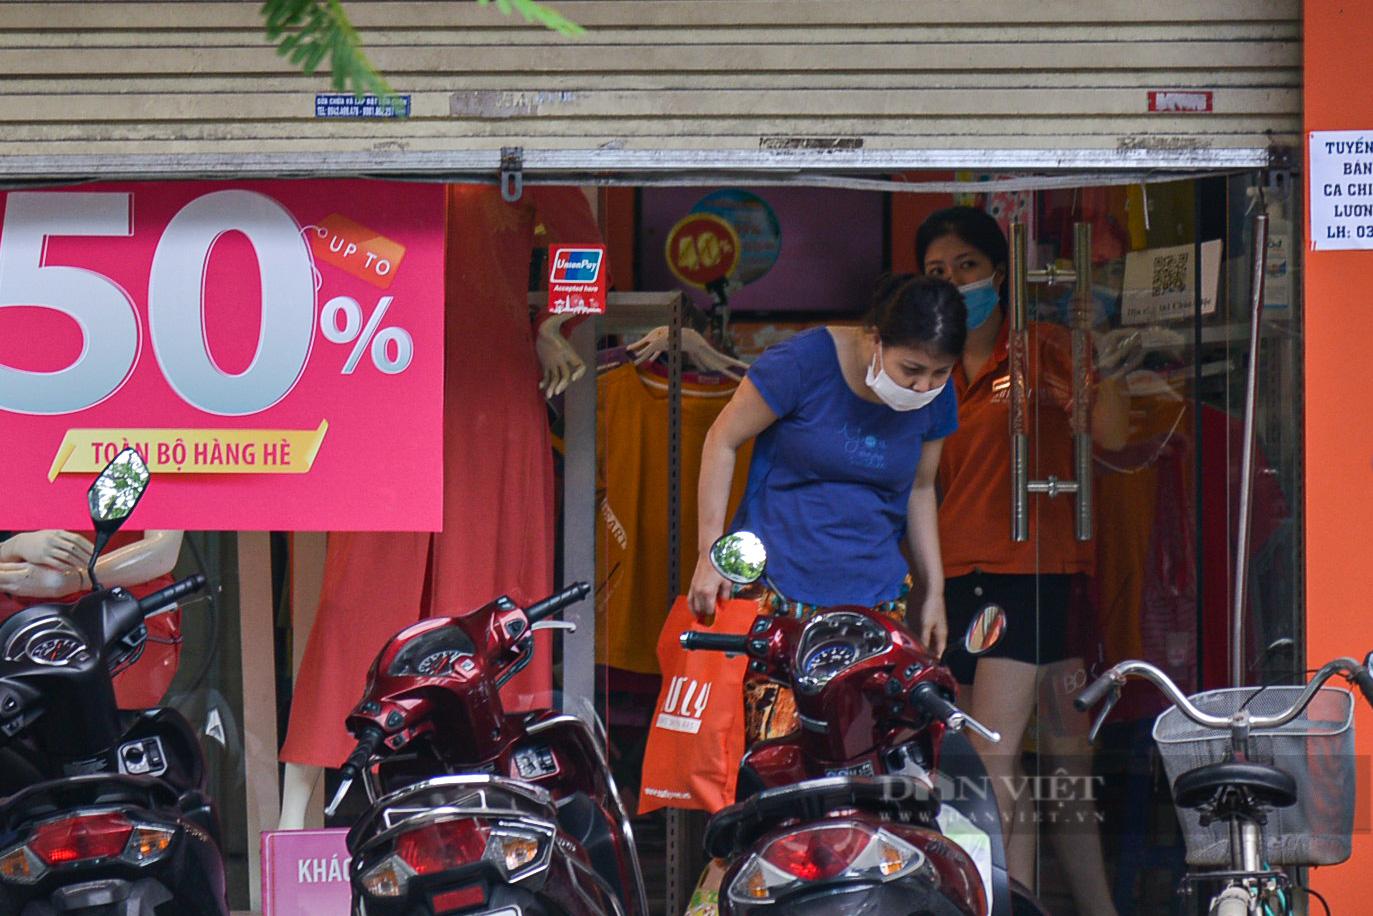 """Hà Nội: Các tuyến phố """"thời trang"""" hé cửa đón khách giữa mùa dịch - Ảnh 3."""